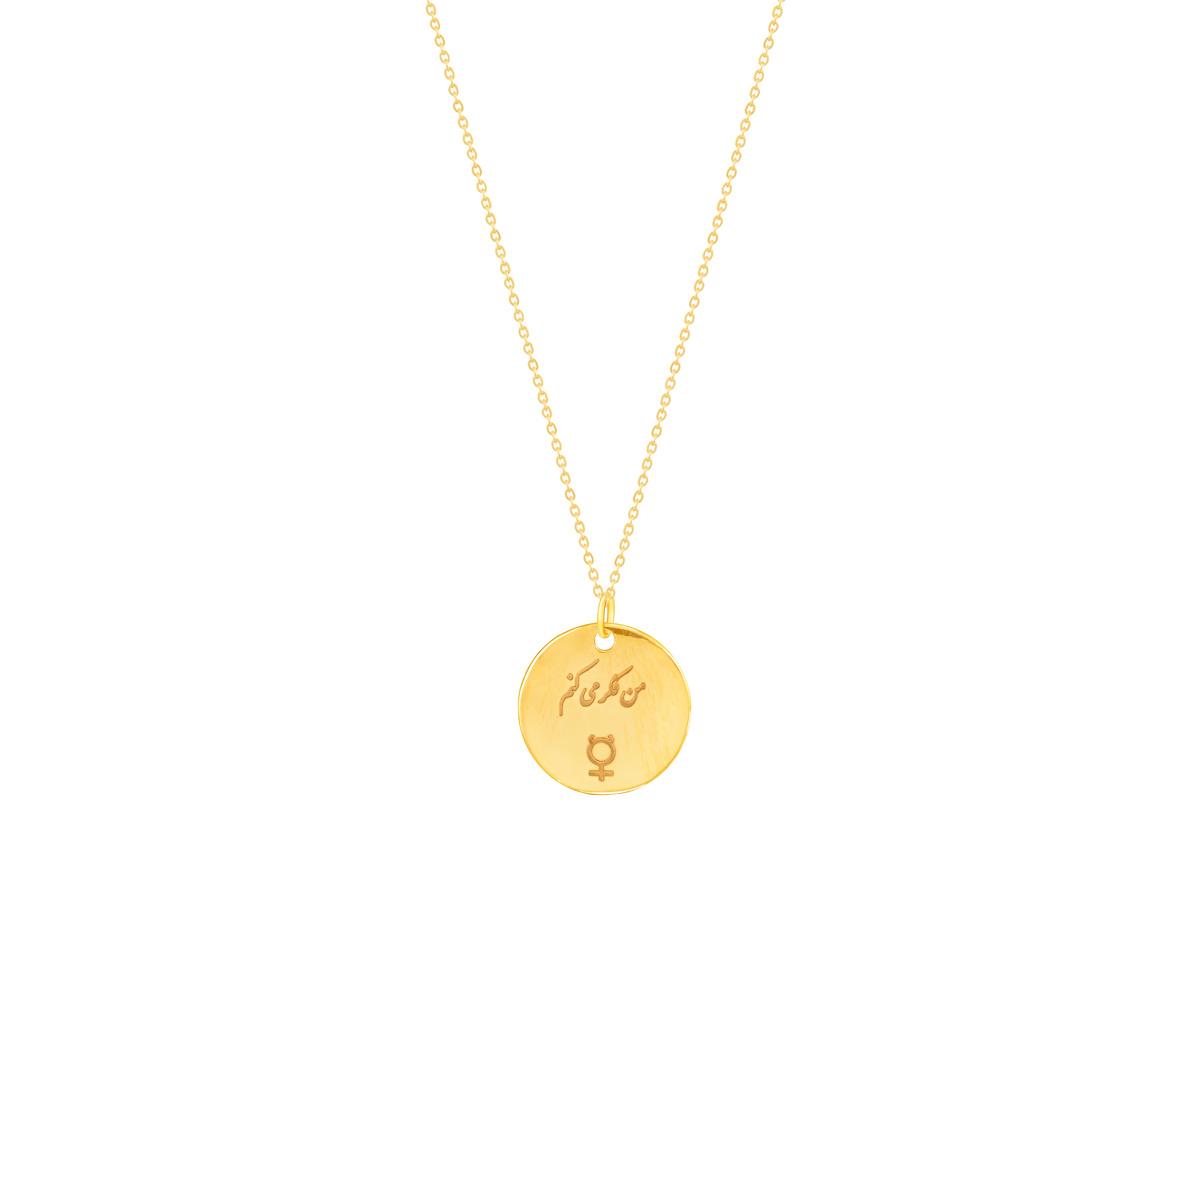 گردنبند طلا نماد ماه خرداد